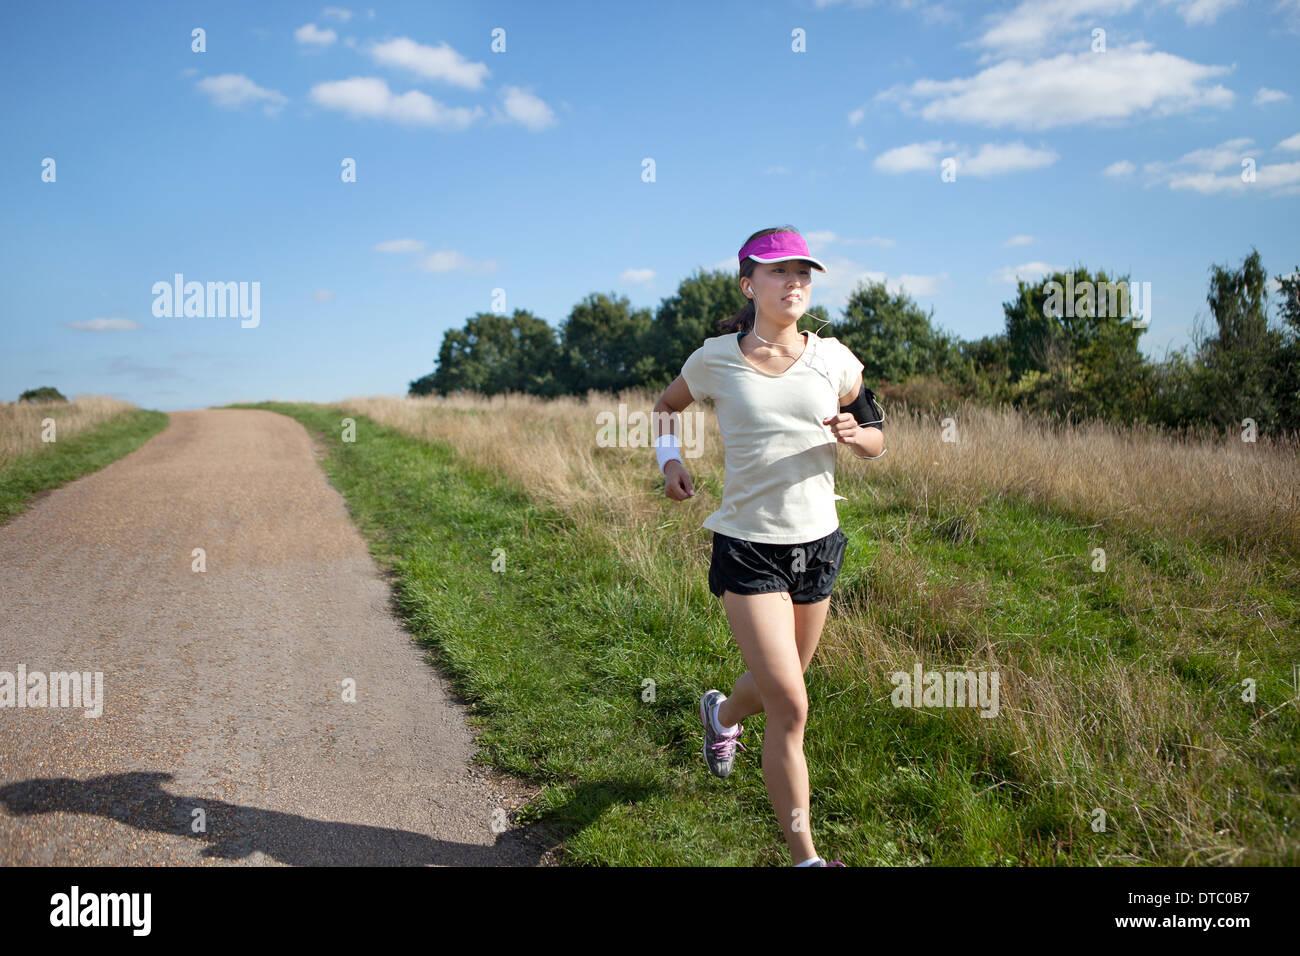 Junge weibliche Läufer läuft neben Feldweg Stockbild